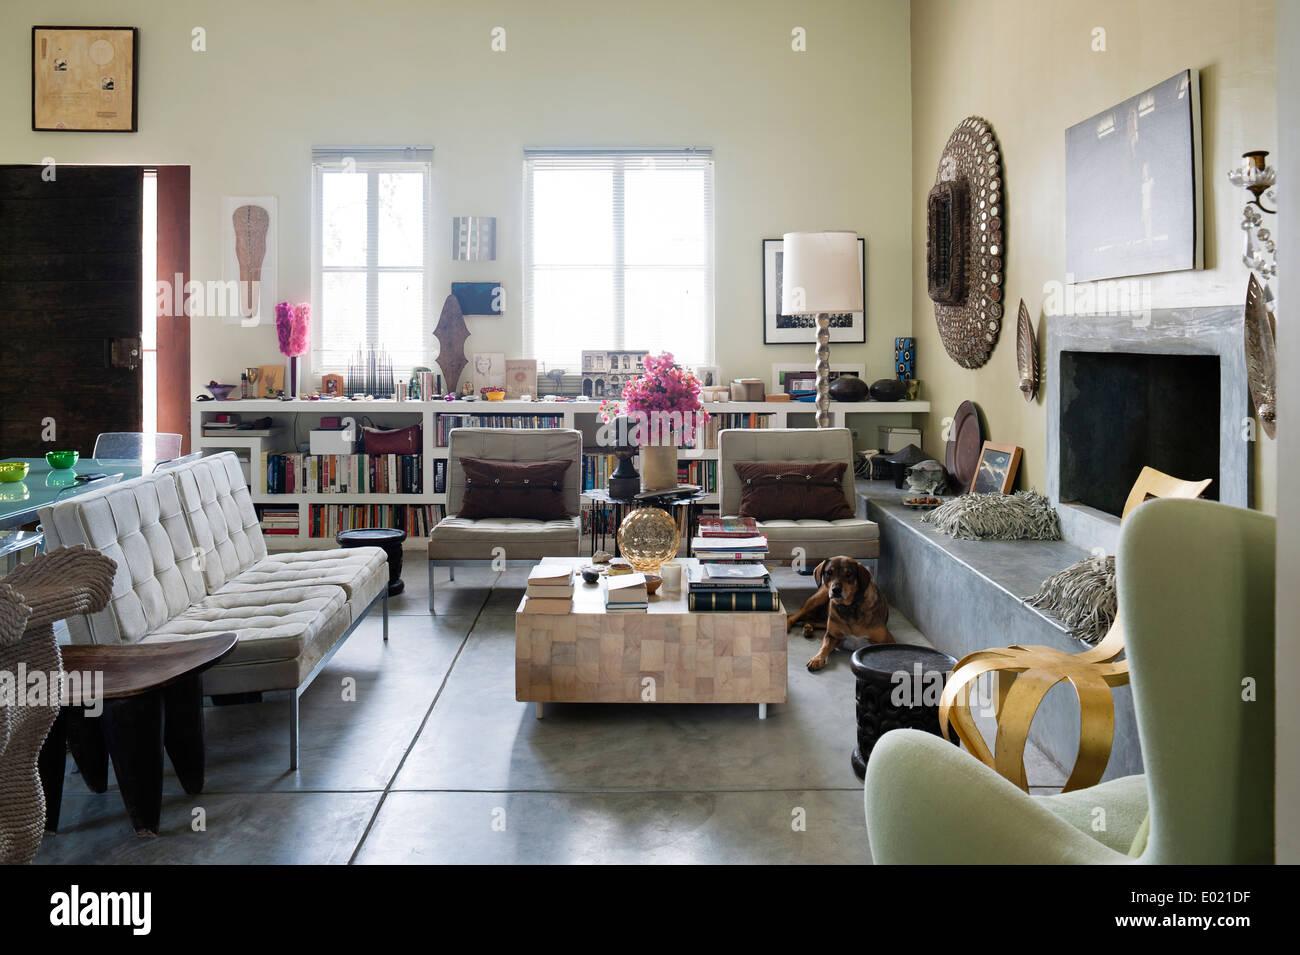 Estantes para libros y gris suite de tres piezas en Baja casa del diseñador de interiores Jenny Armit inglés Imagen De Stock